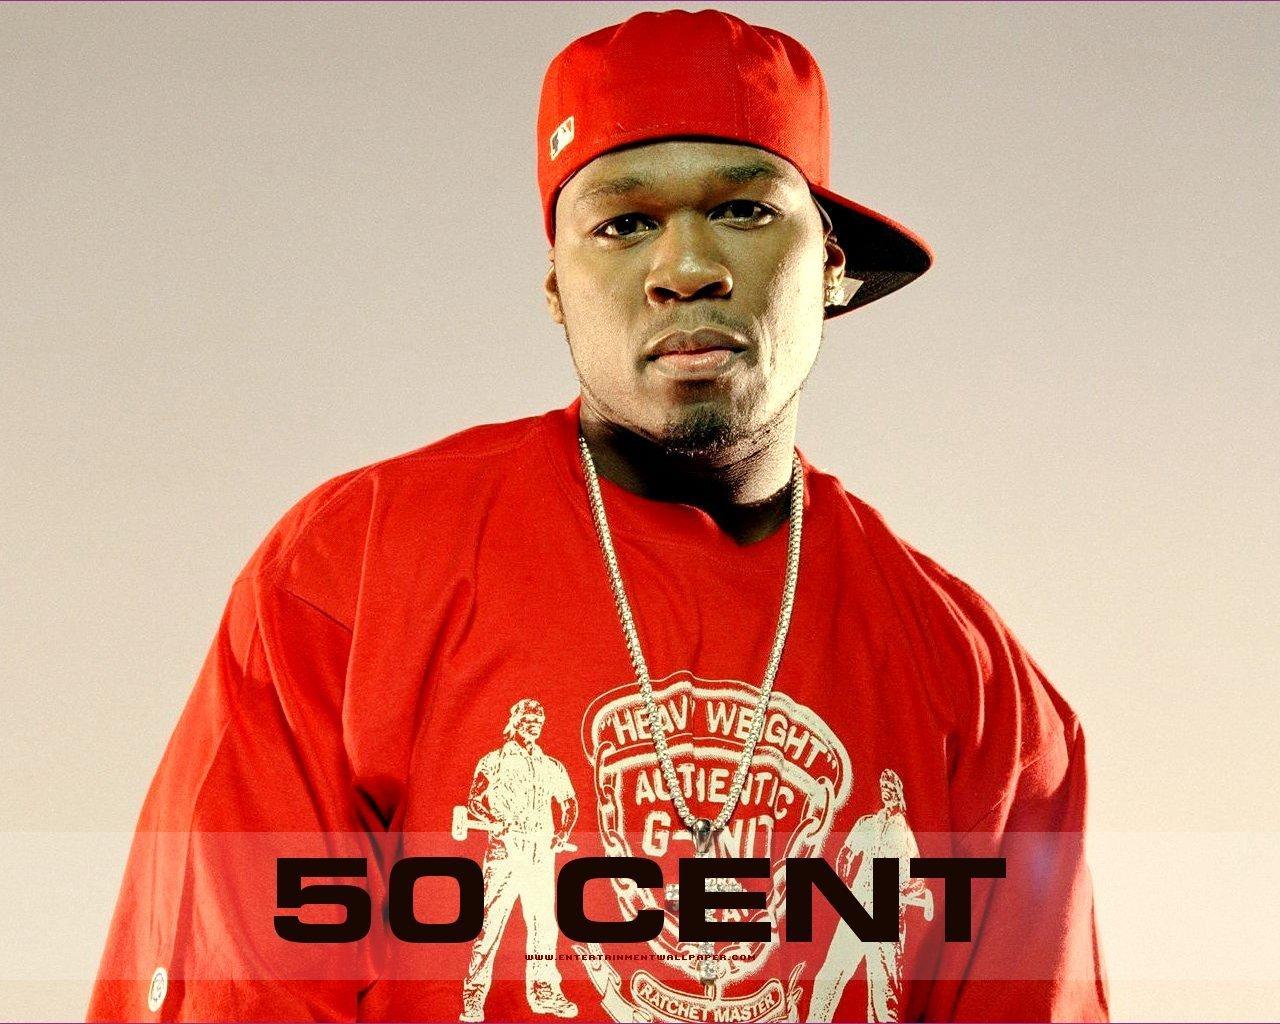 50 cent com: